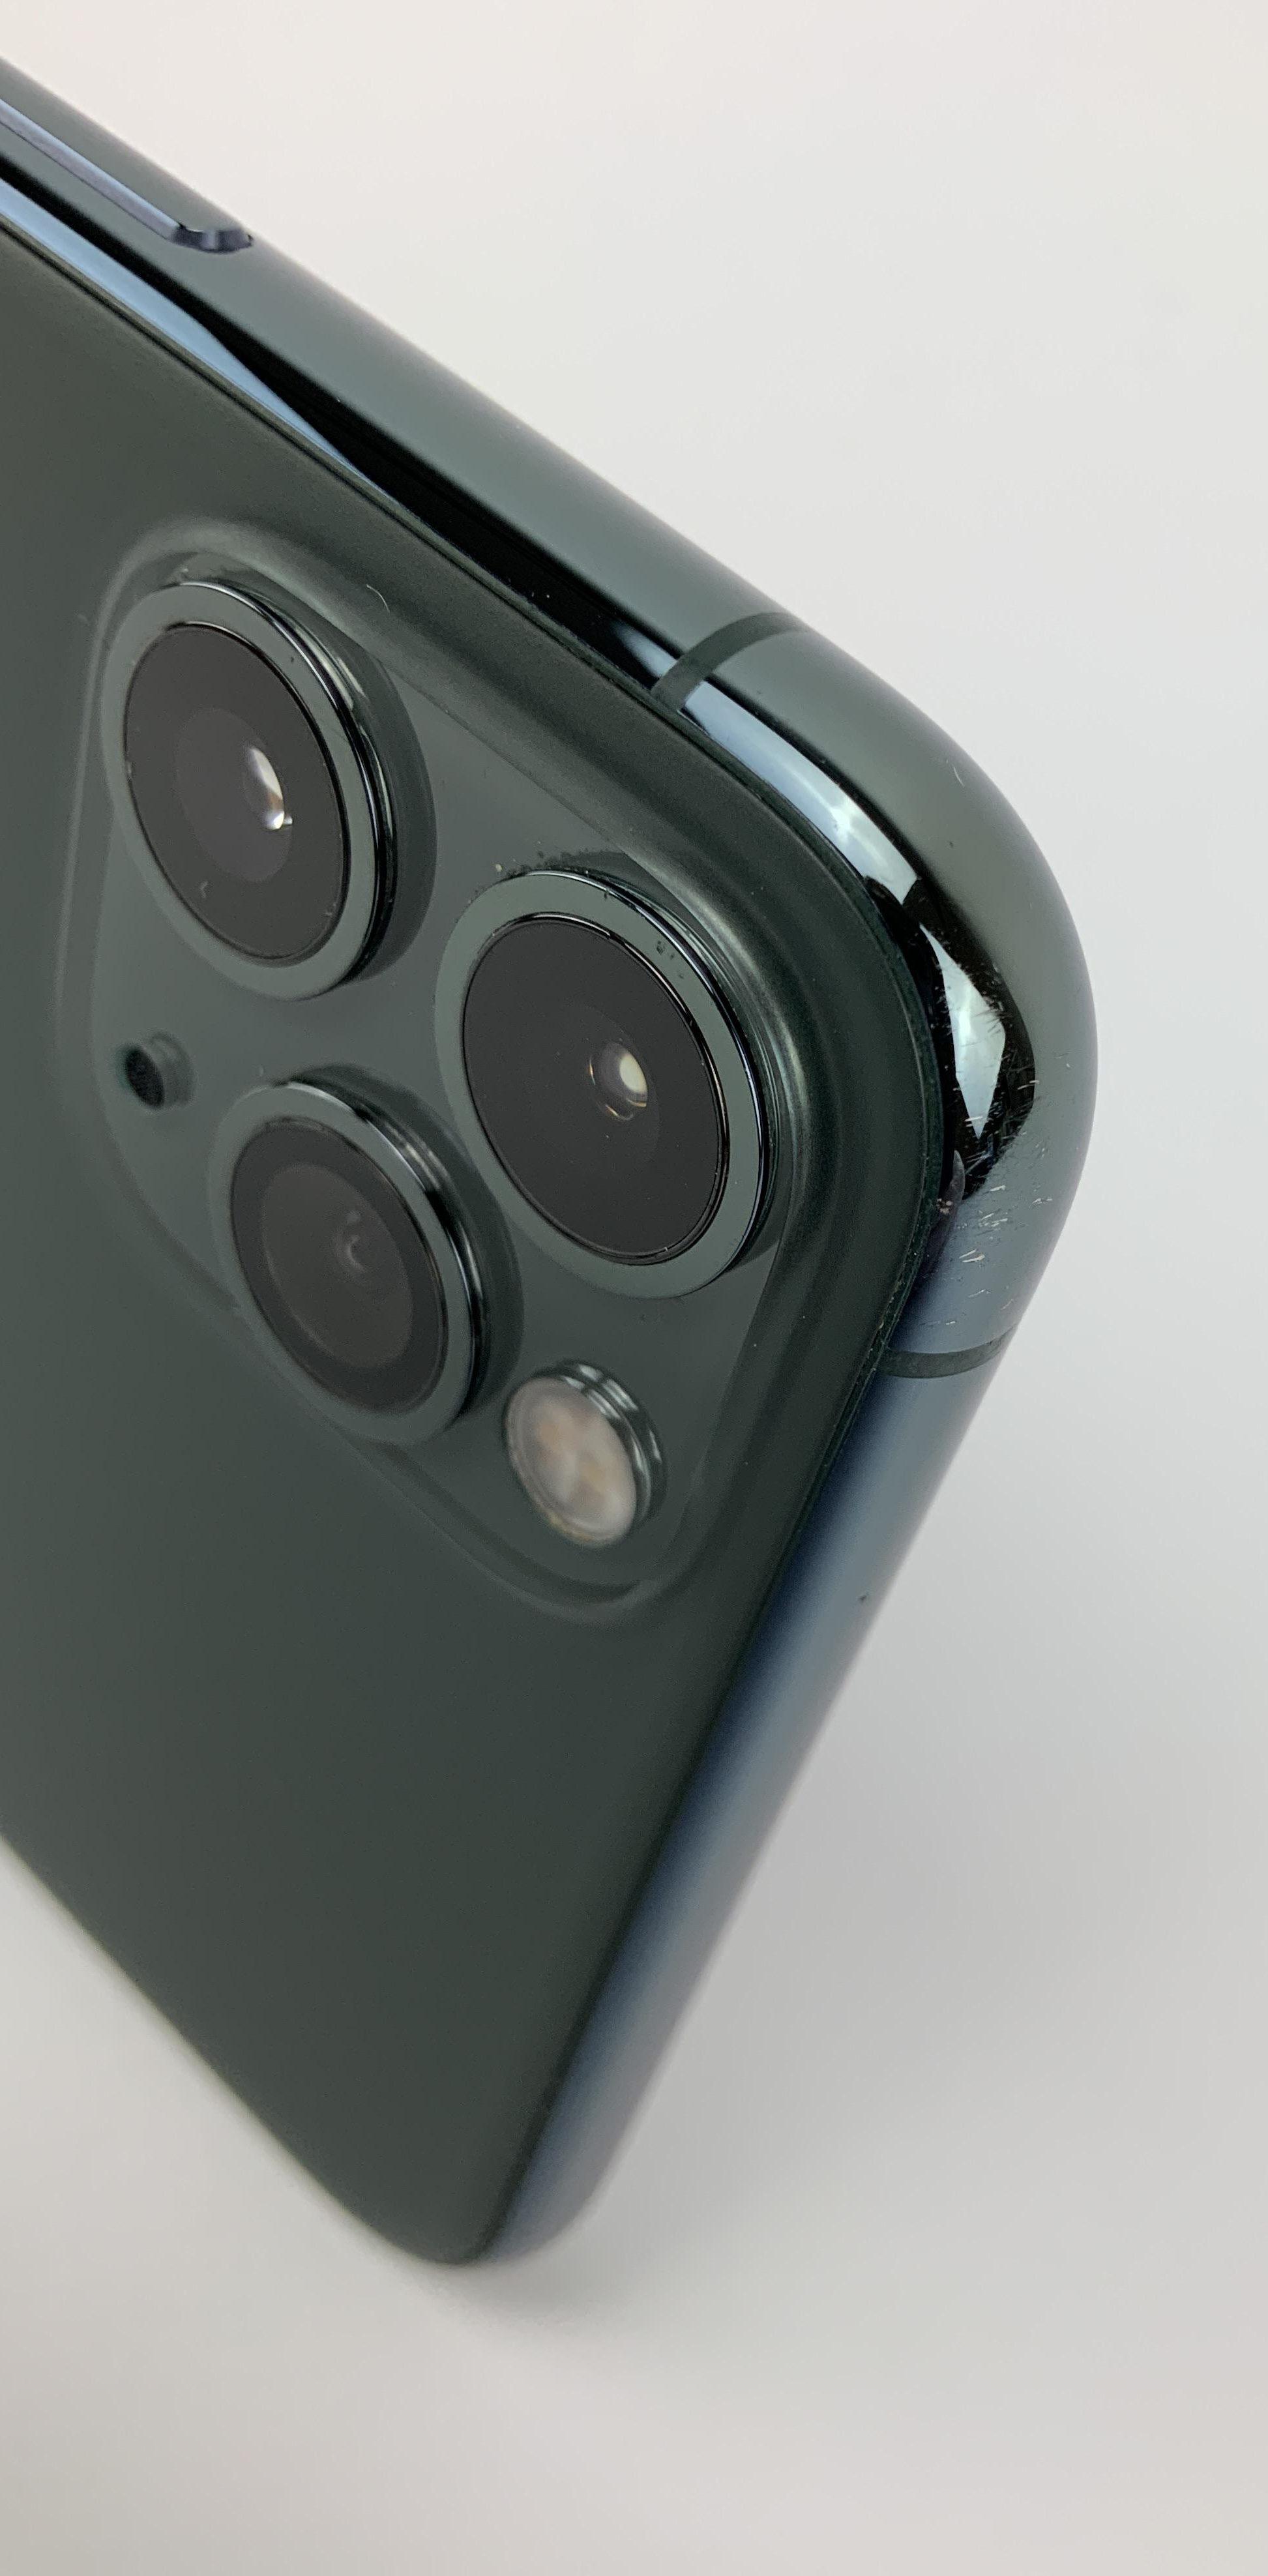 iPhone 11 Pro Max 256GB, 256GB, Midnight Green, Kuva 5